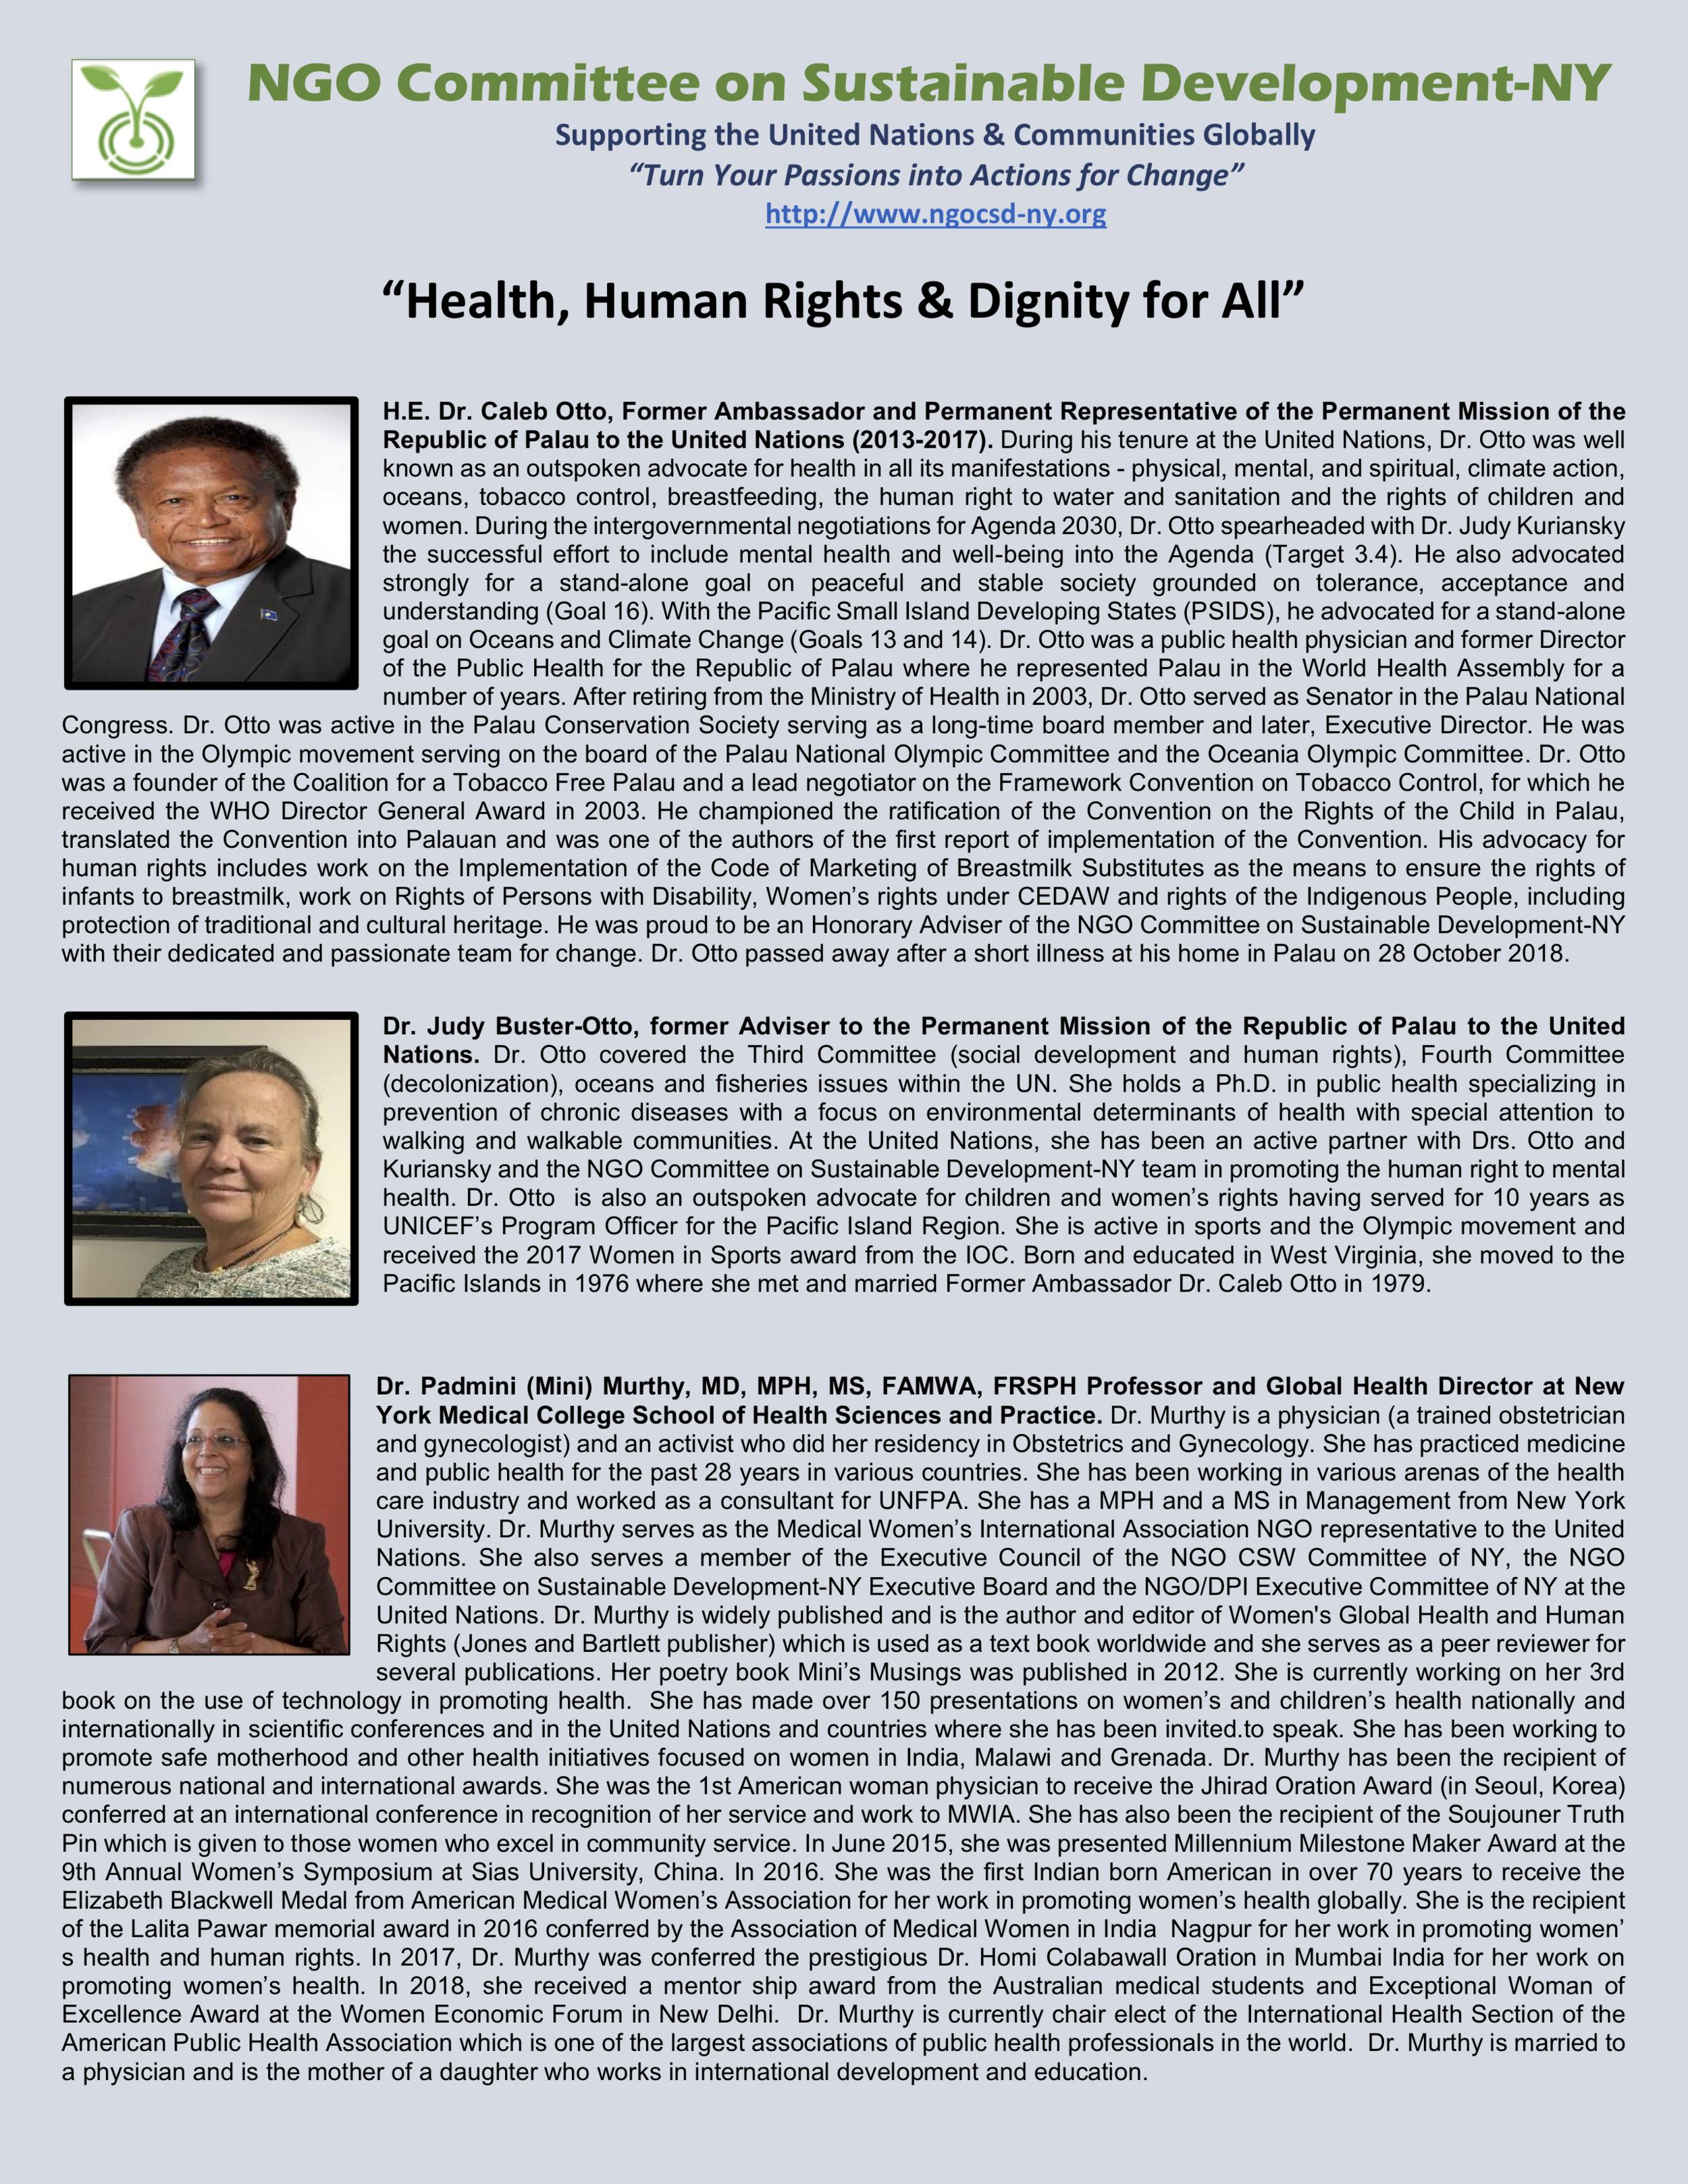 NGOCSD-NY 12-19-18 Health, Human Rights Photo-Bios B2ab.png